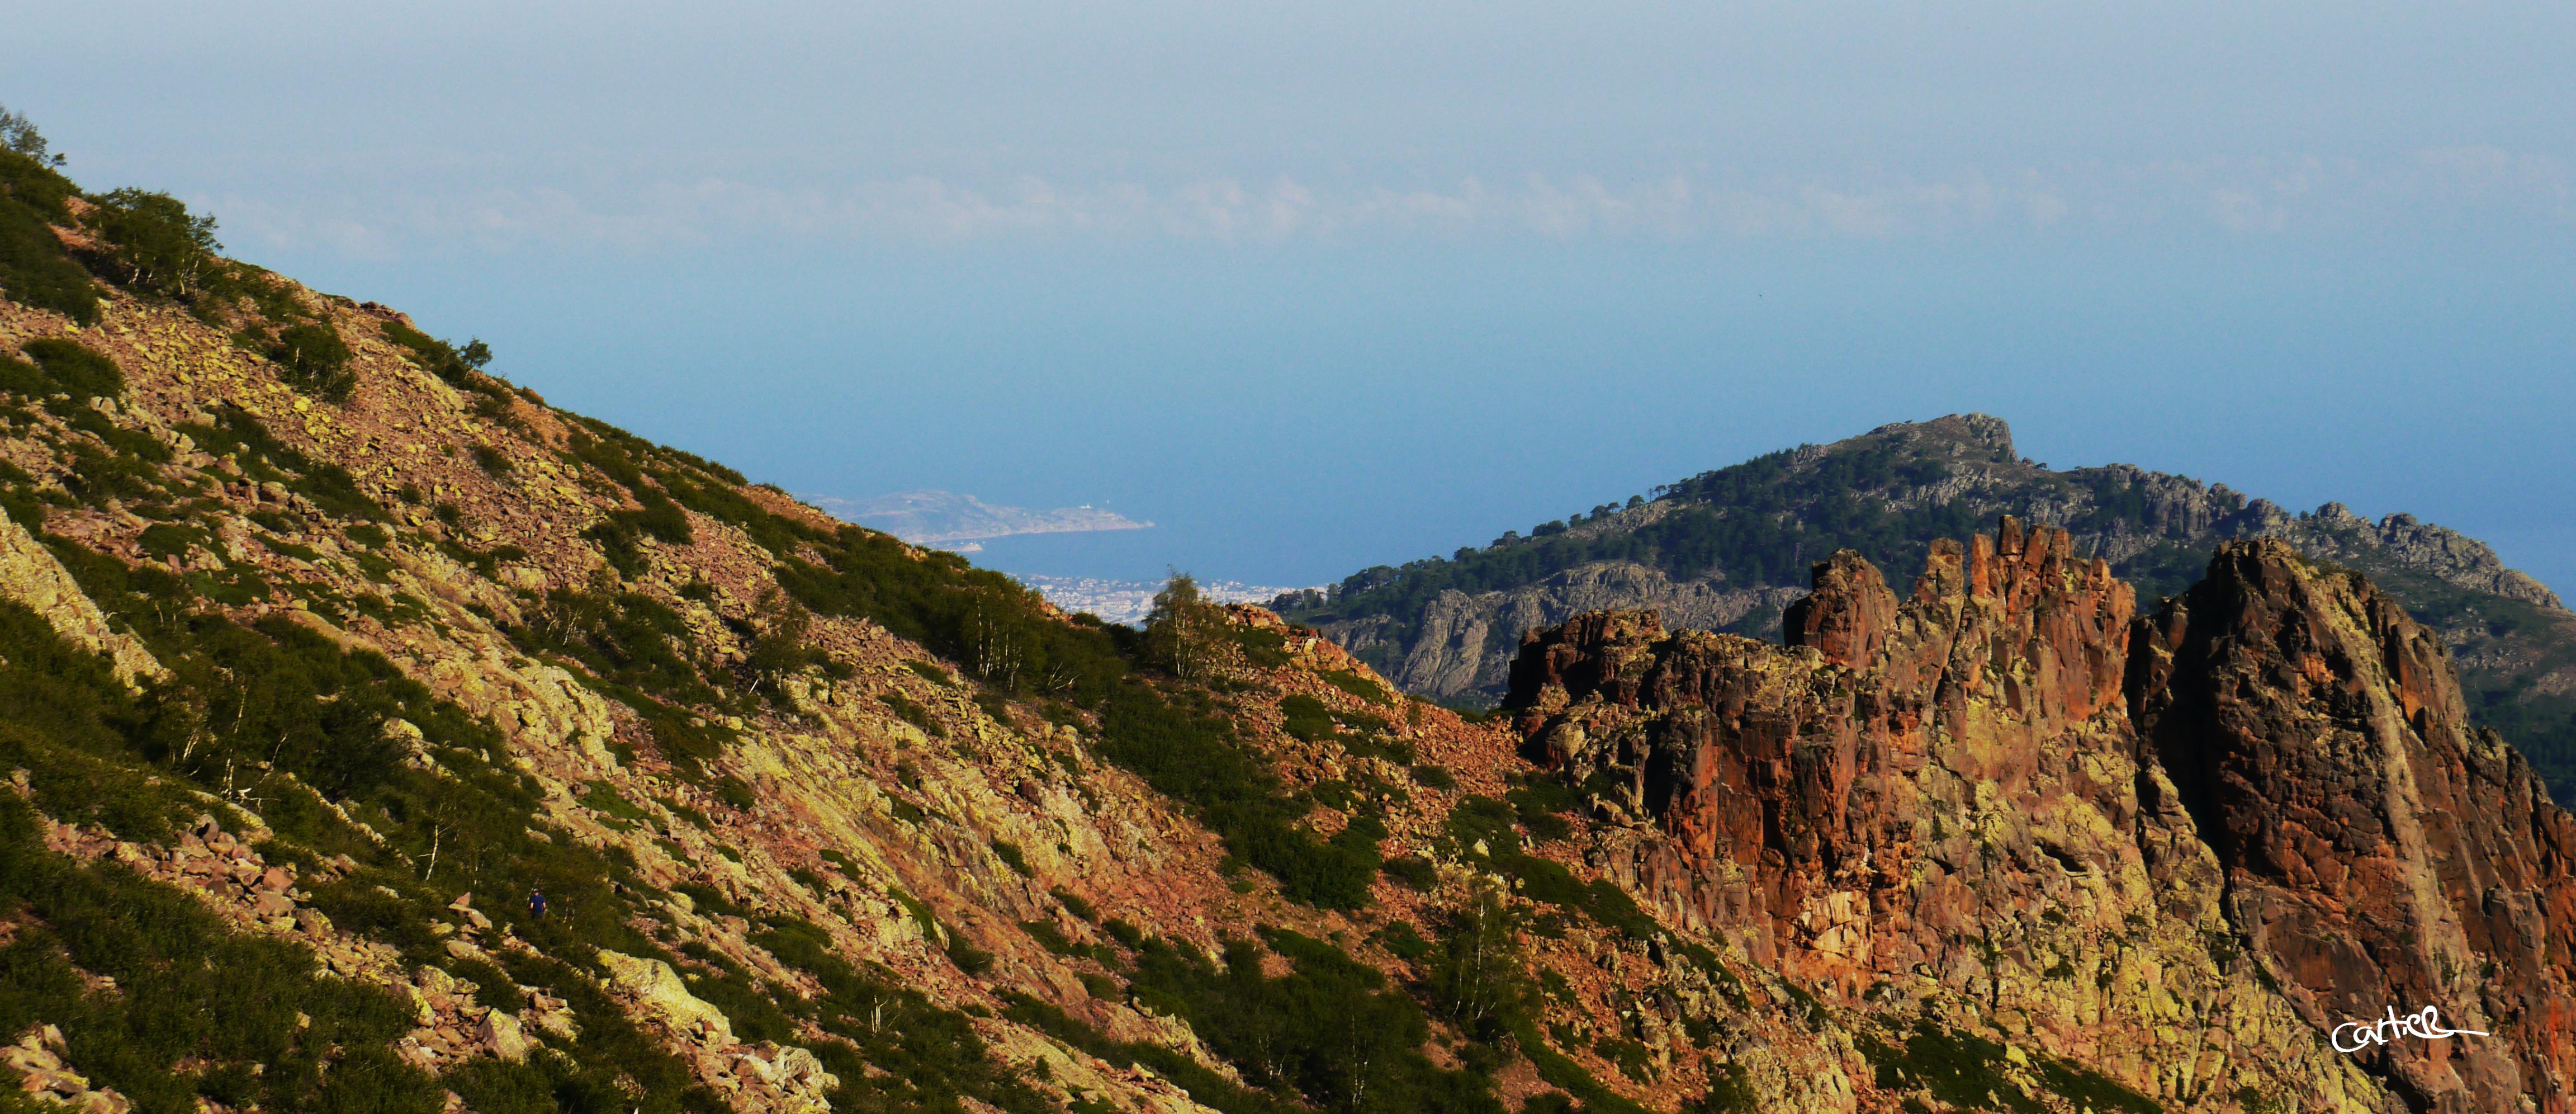 Toujours une vue superbe sur la côte Ouest